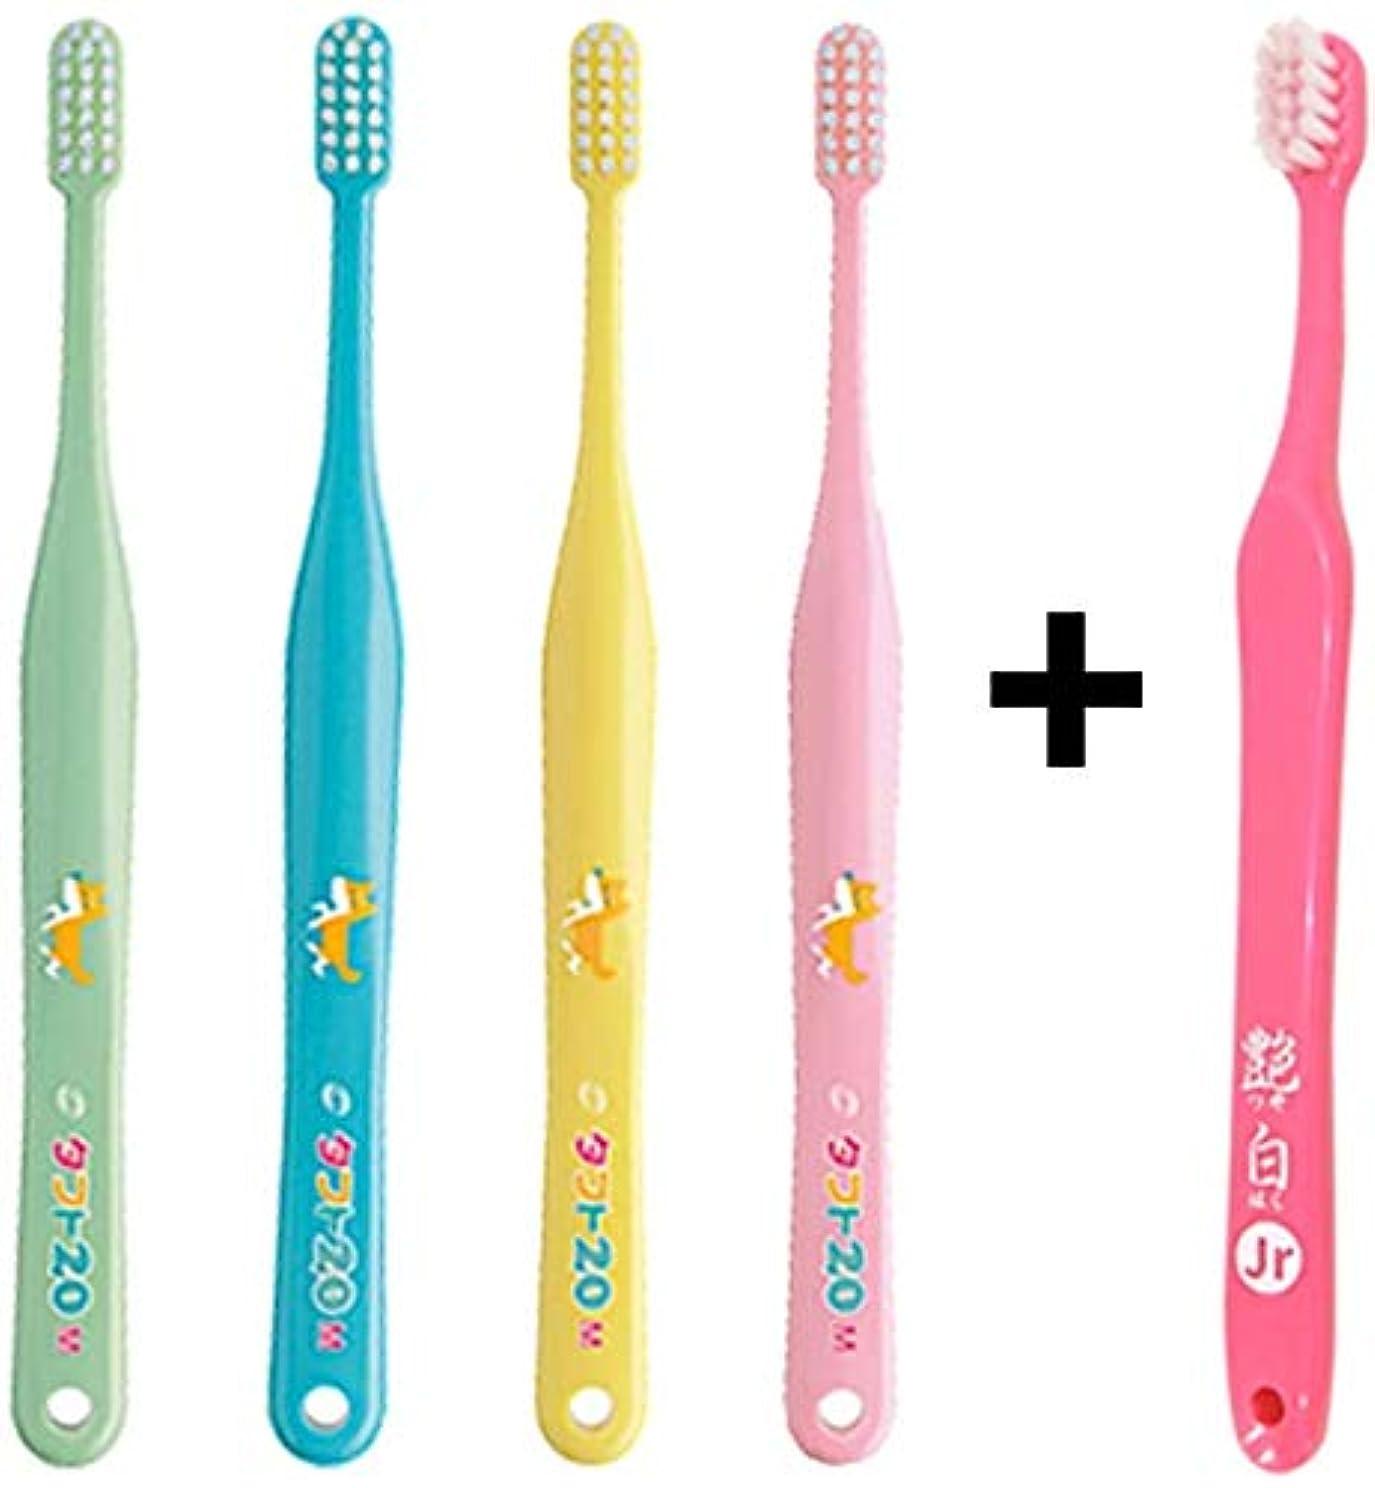 ふりをする財布行動タフト20 M(ふつう) こども 歯ブラシ×10本 + 艶白(つやはく) Jr ジュニア ハブラシ×1本 MS(やややわらかめ) 日本製 歯科専売品